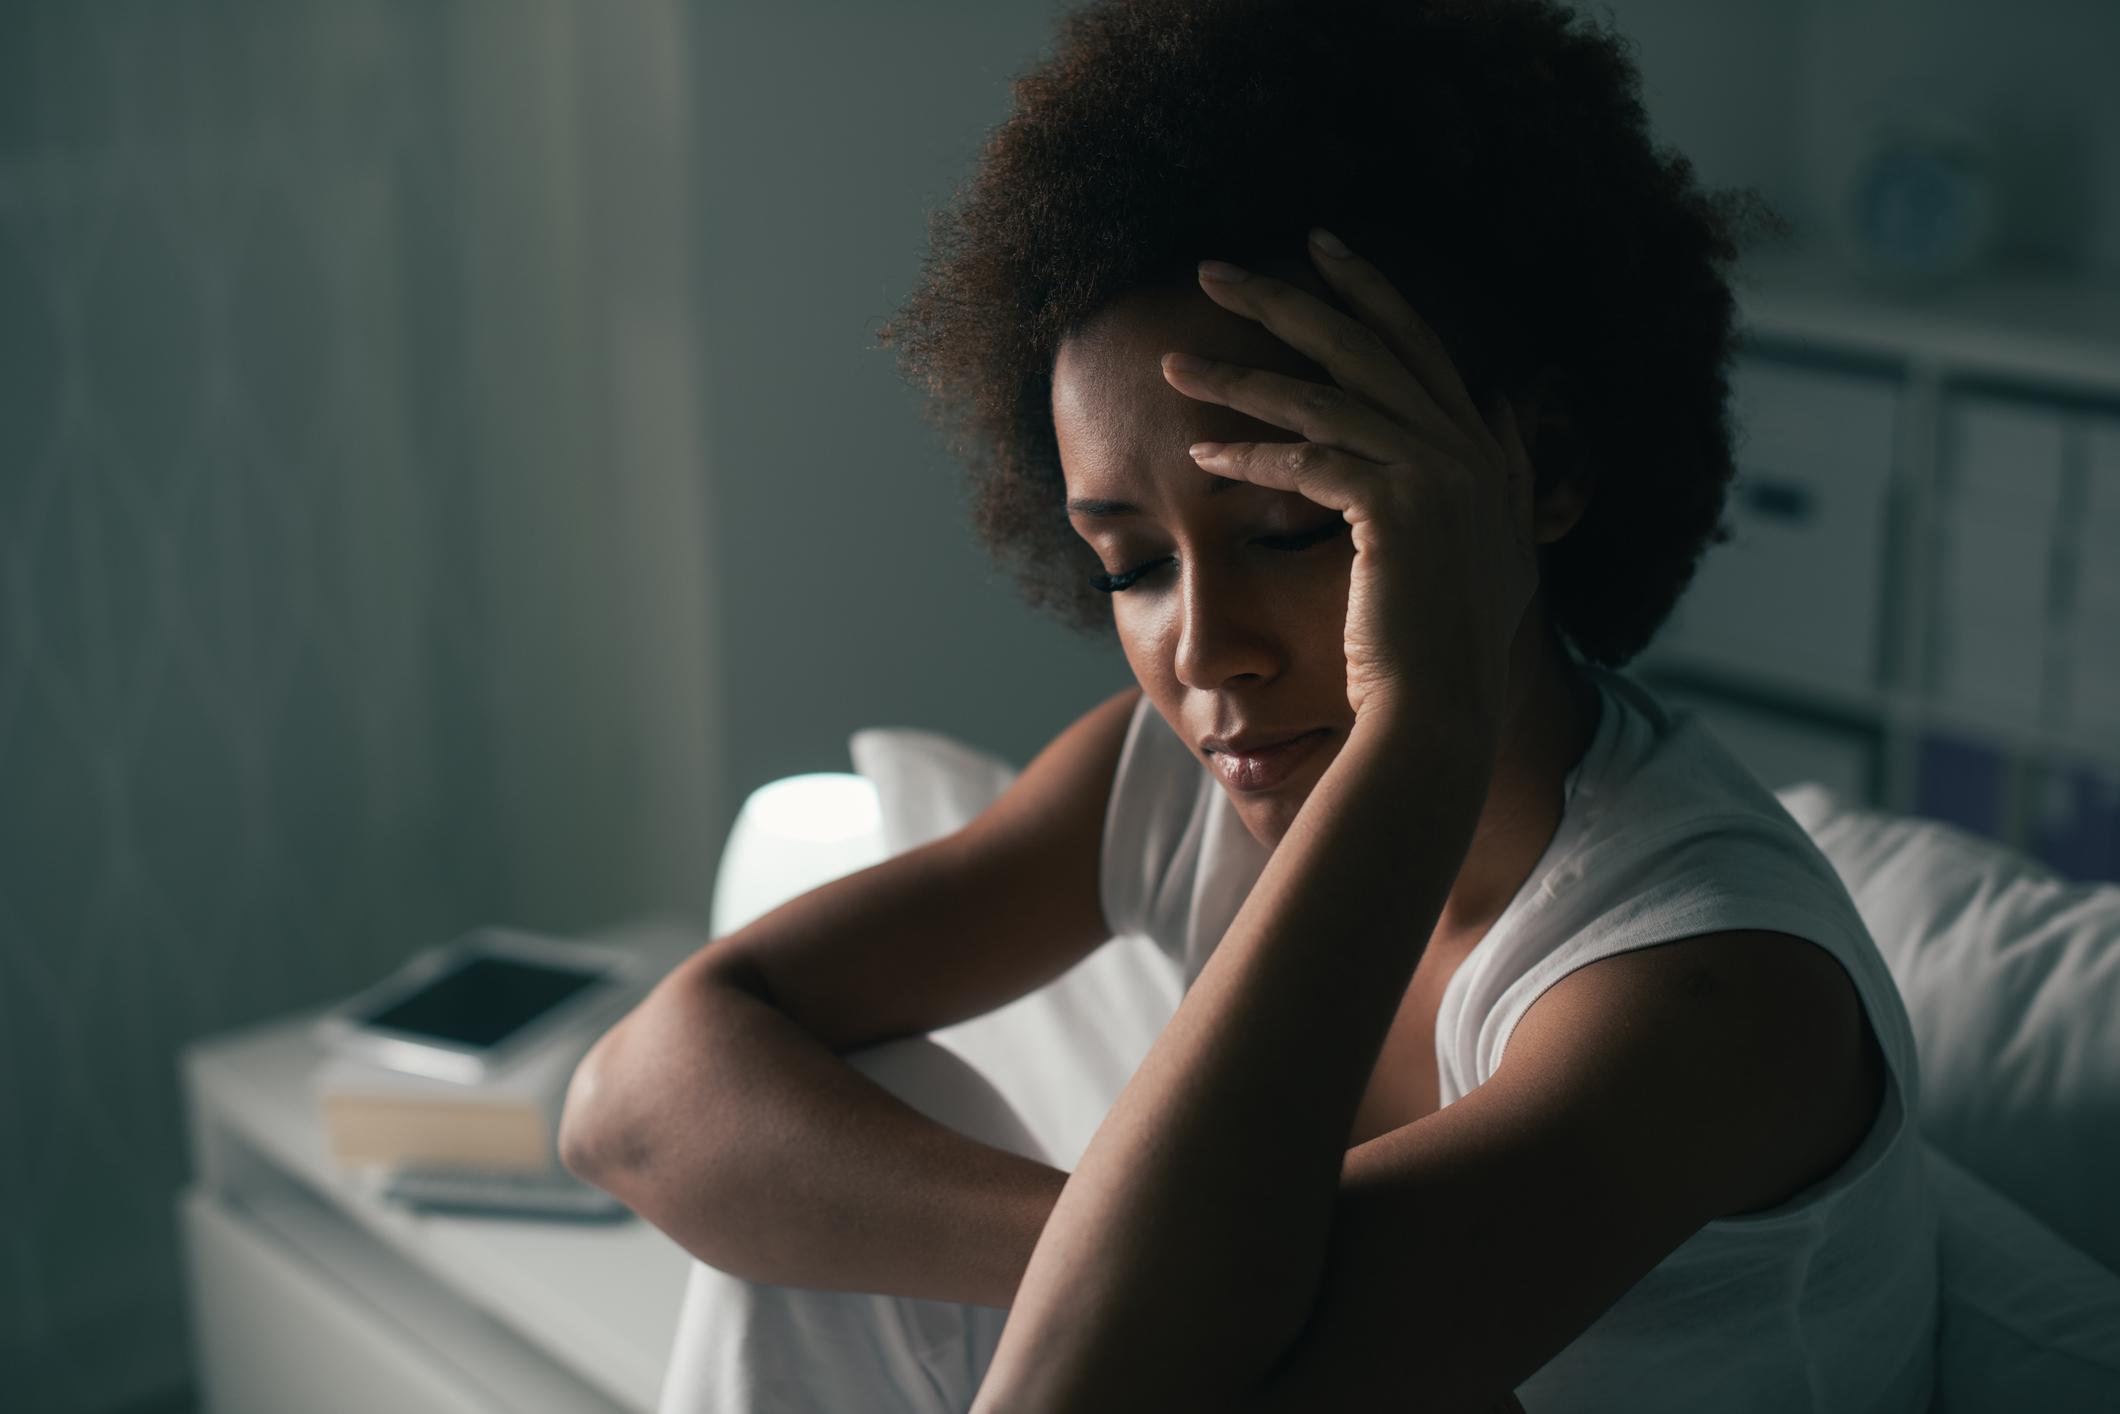 Mais de 40 milhões de brasileiros se sentem com dores latejantes graças a um problema muito comum atualmente: a enxaqueca.